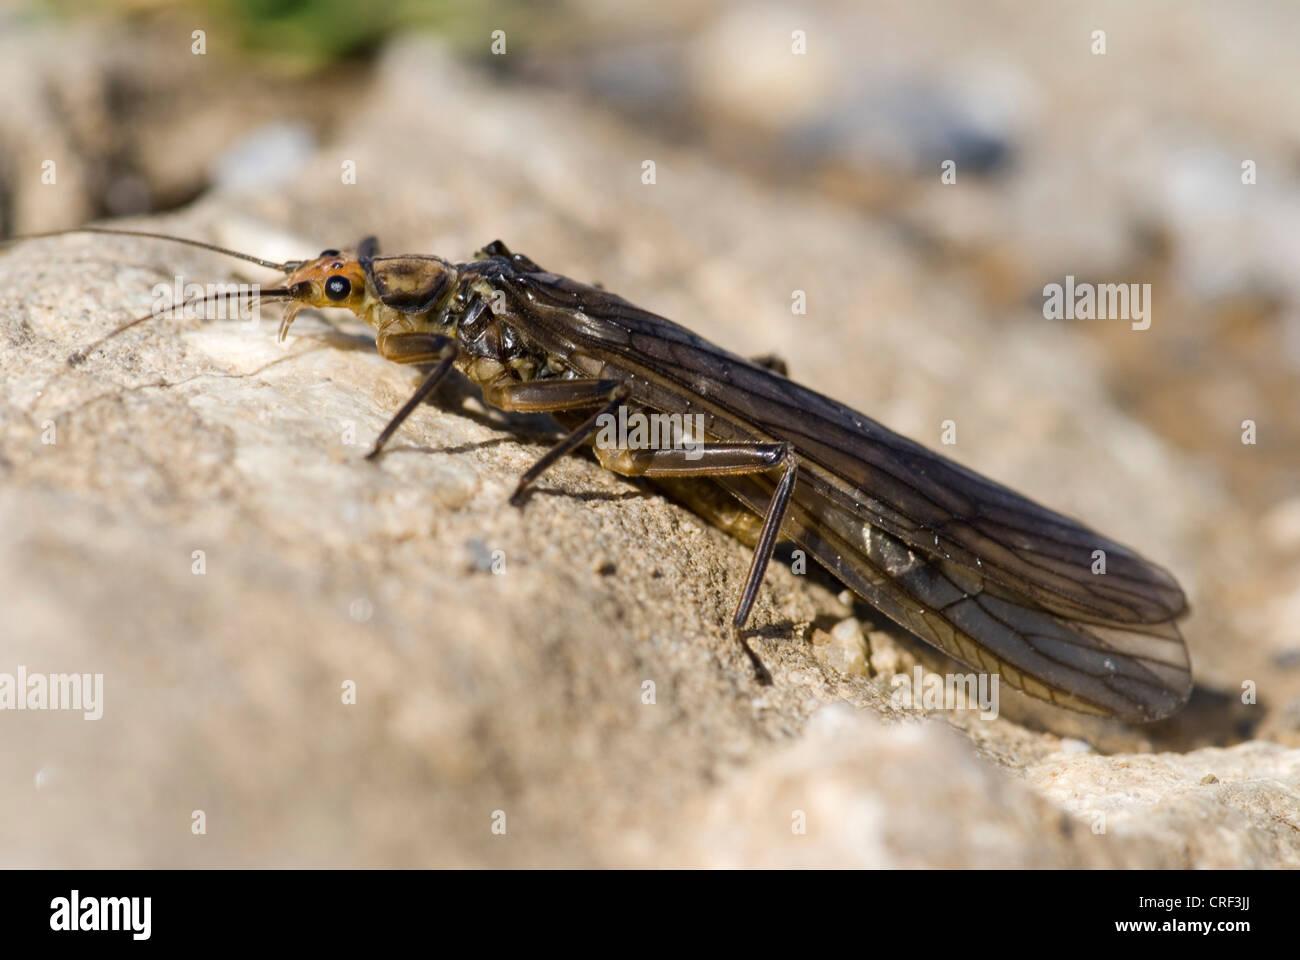 stoneflies (Plecoptera), sitting on a stone - Stock Image